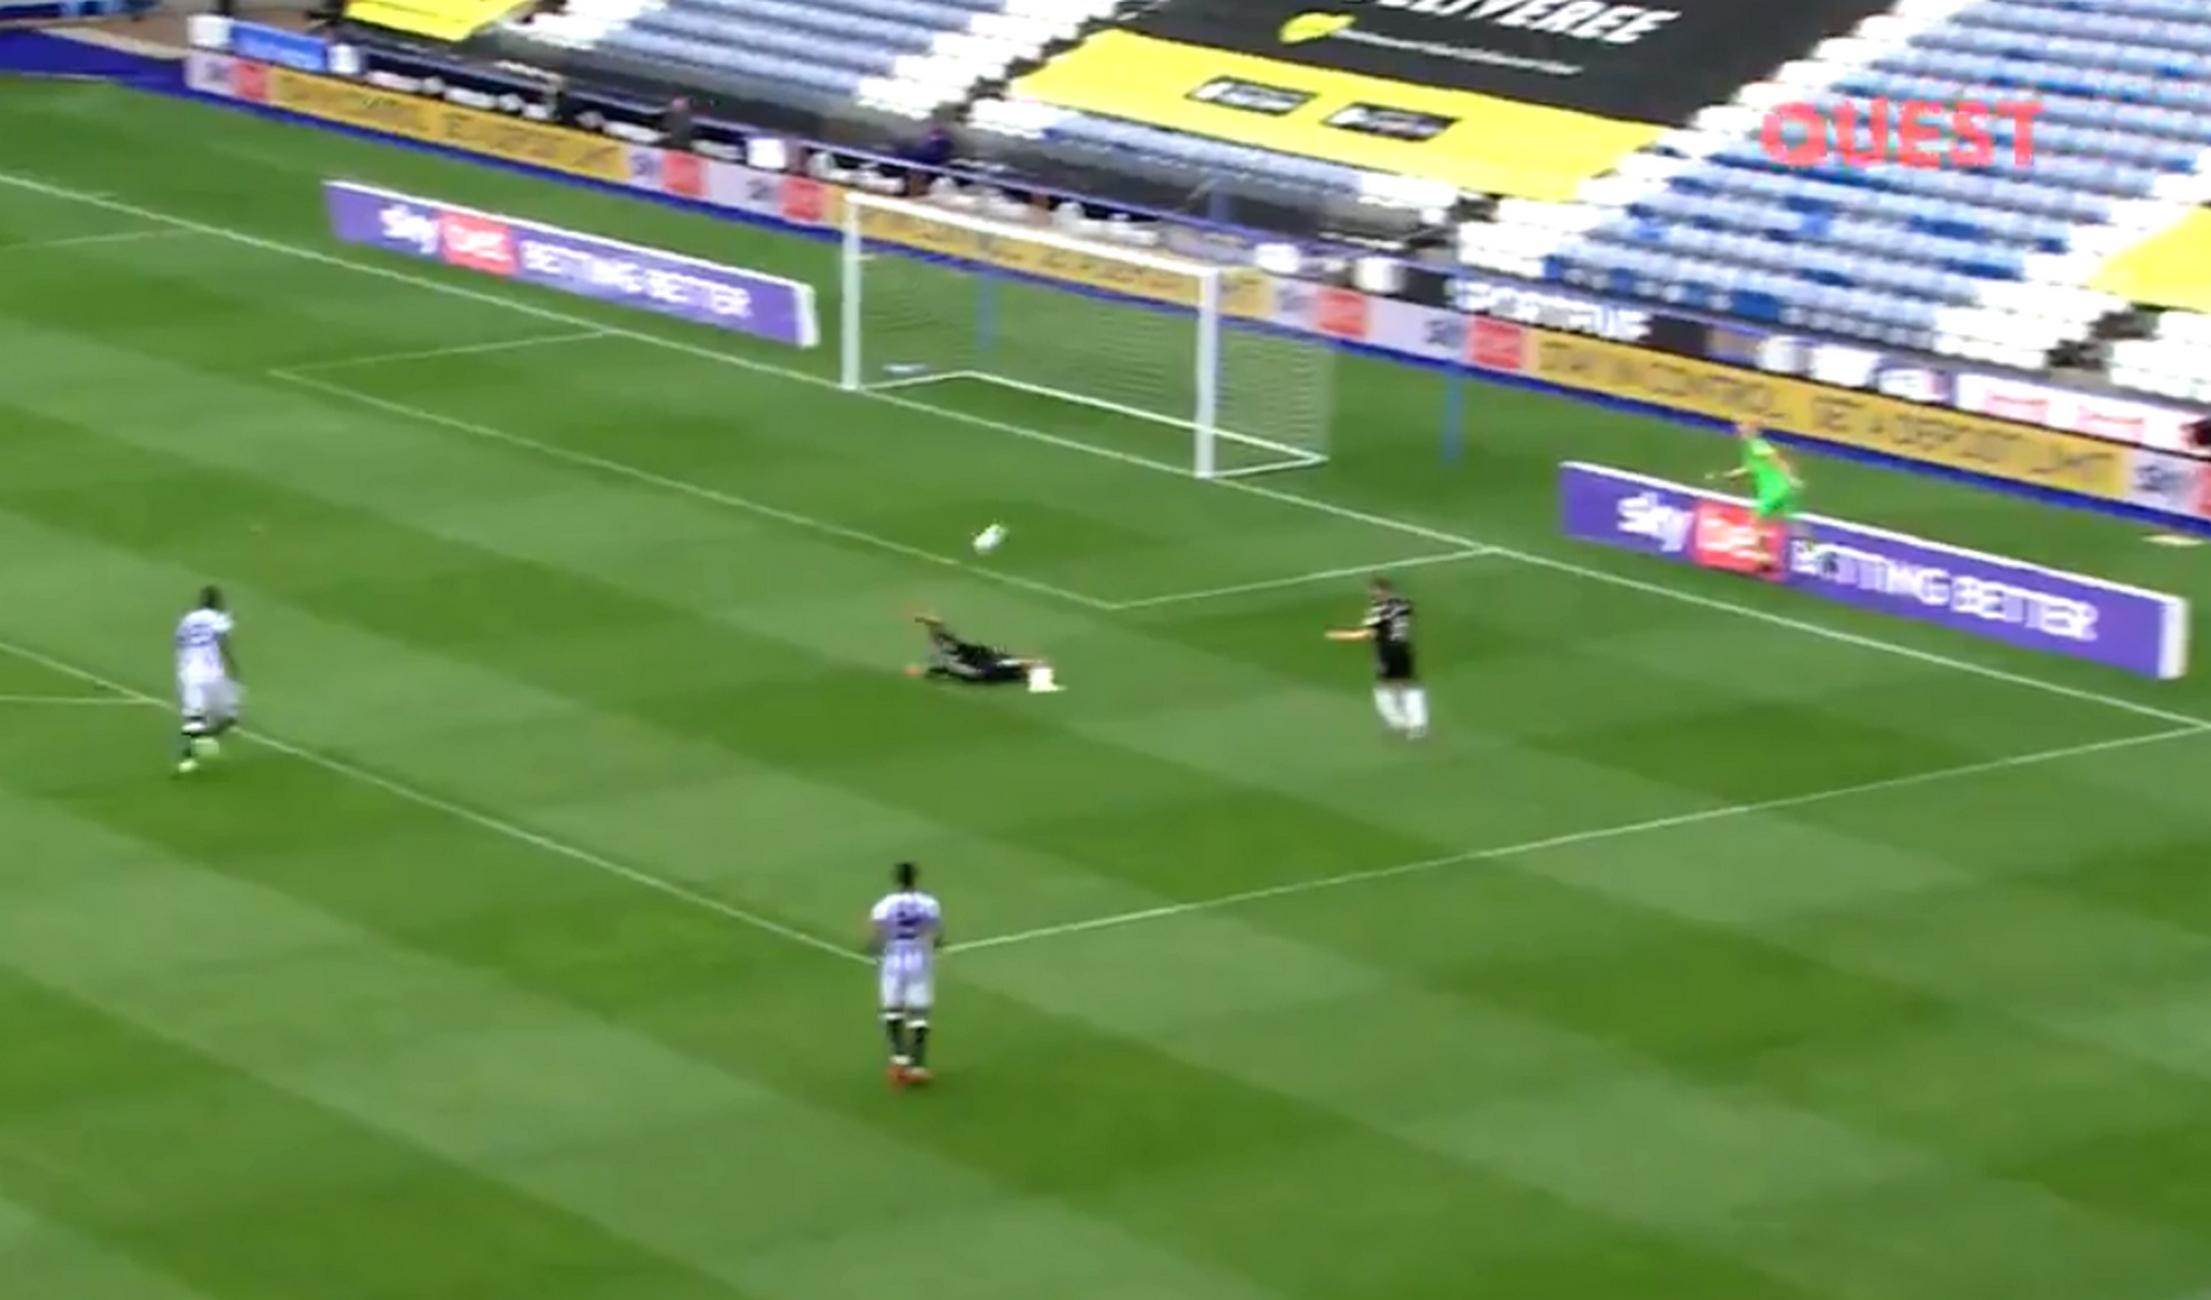 Απίστευτο γκολ στην Τσάμπιονσιπ με διπλή «γκέλα»